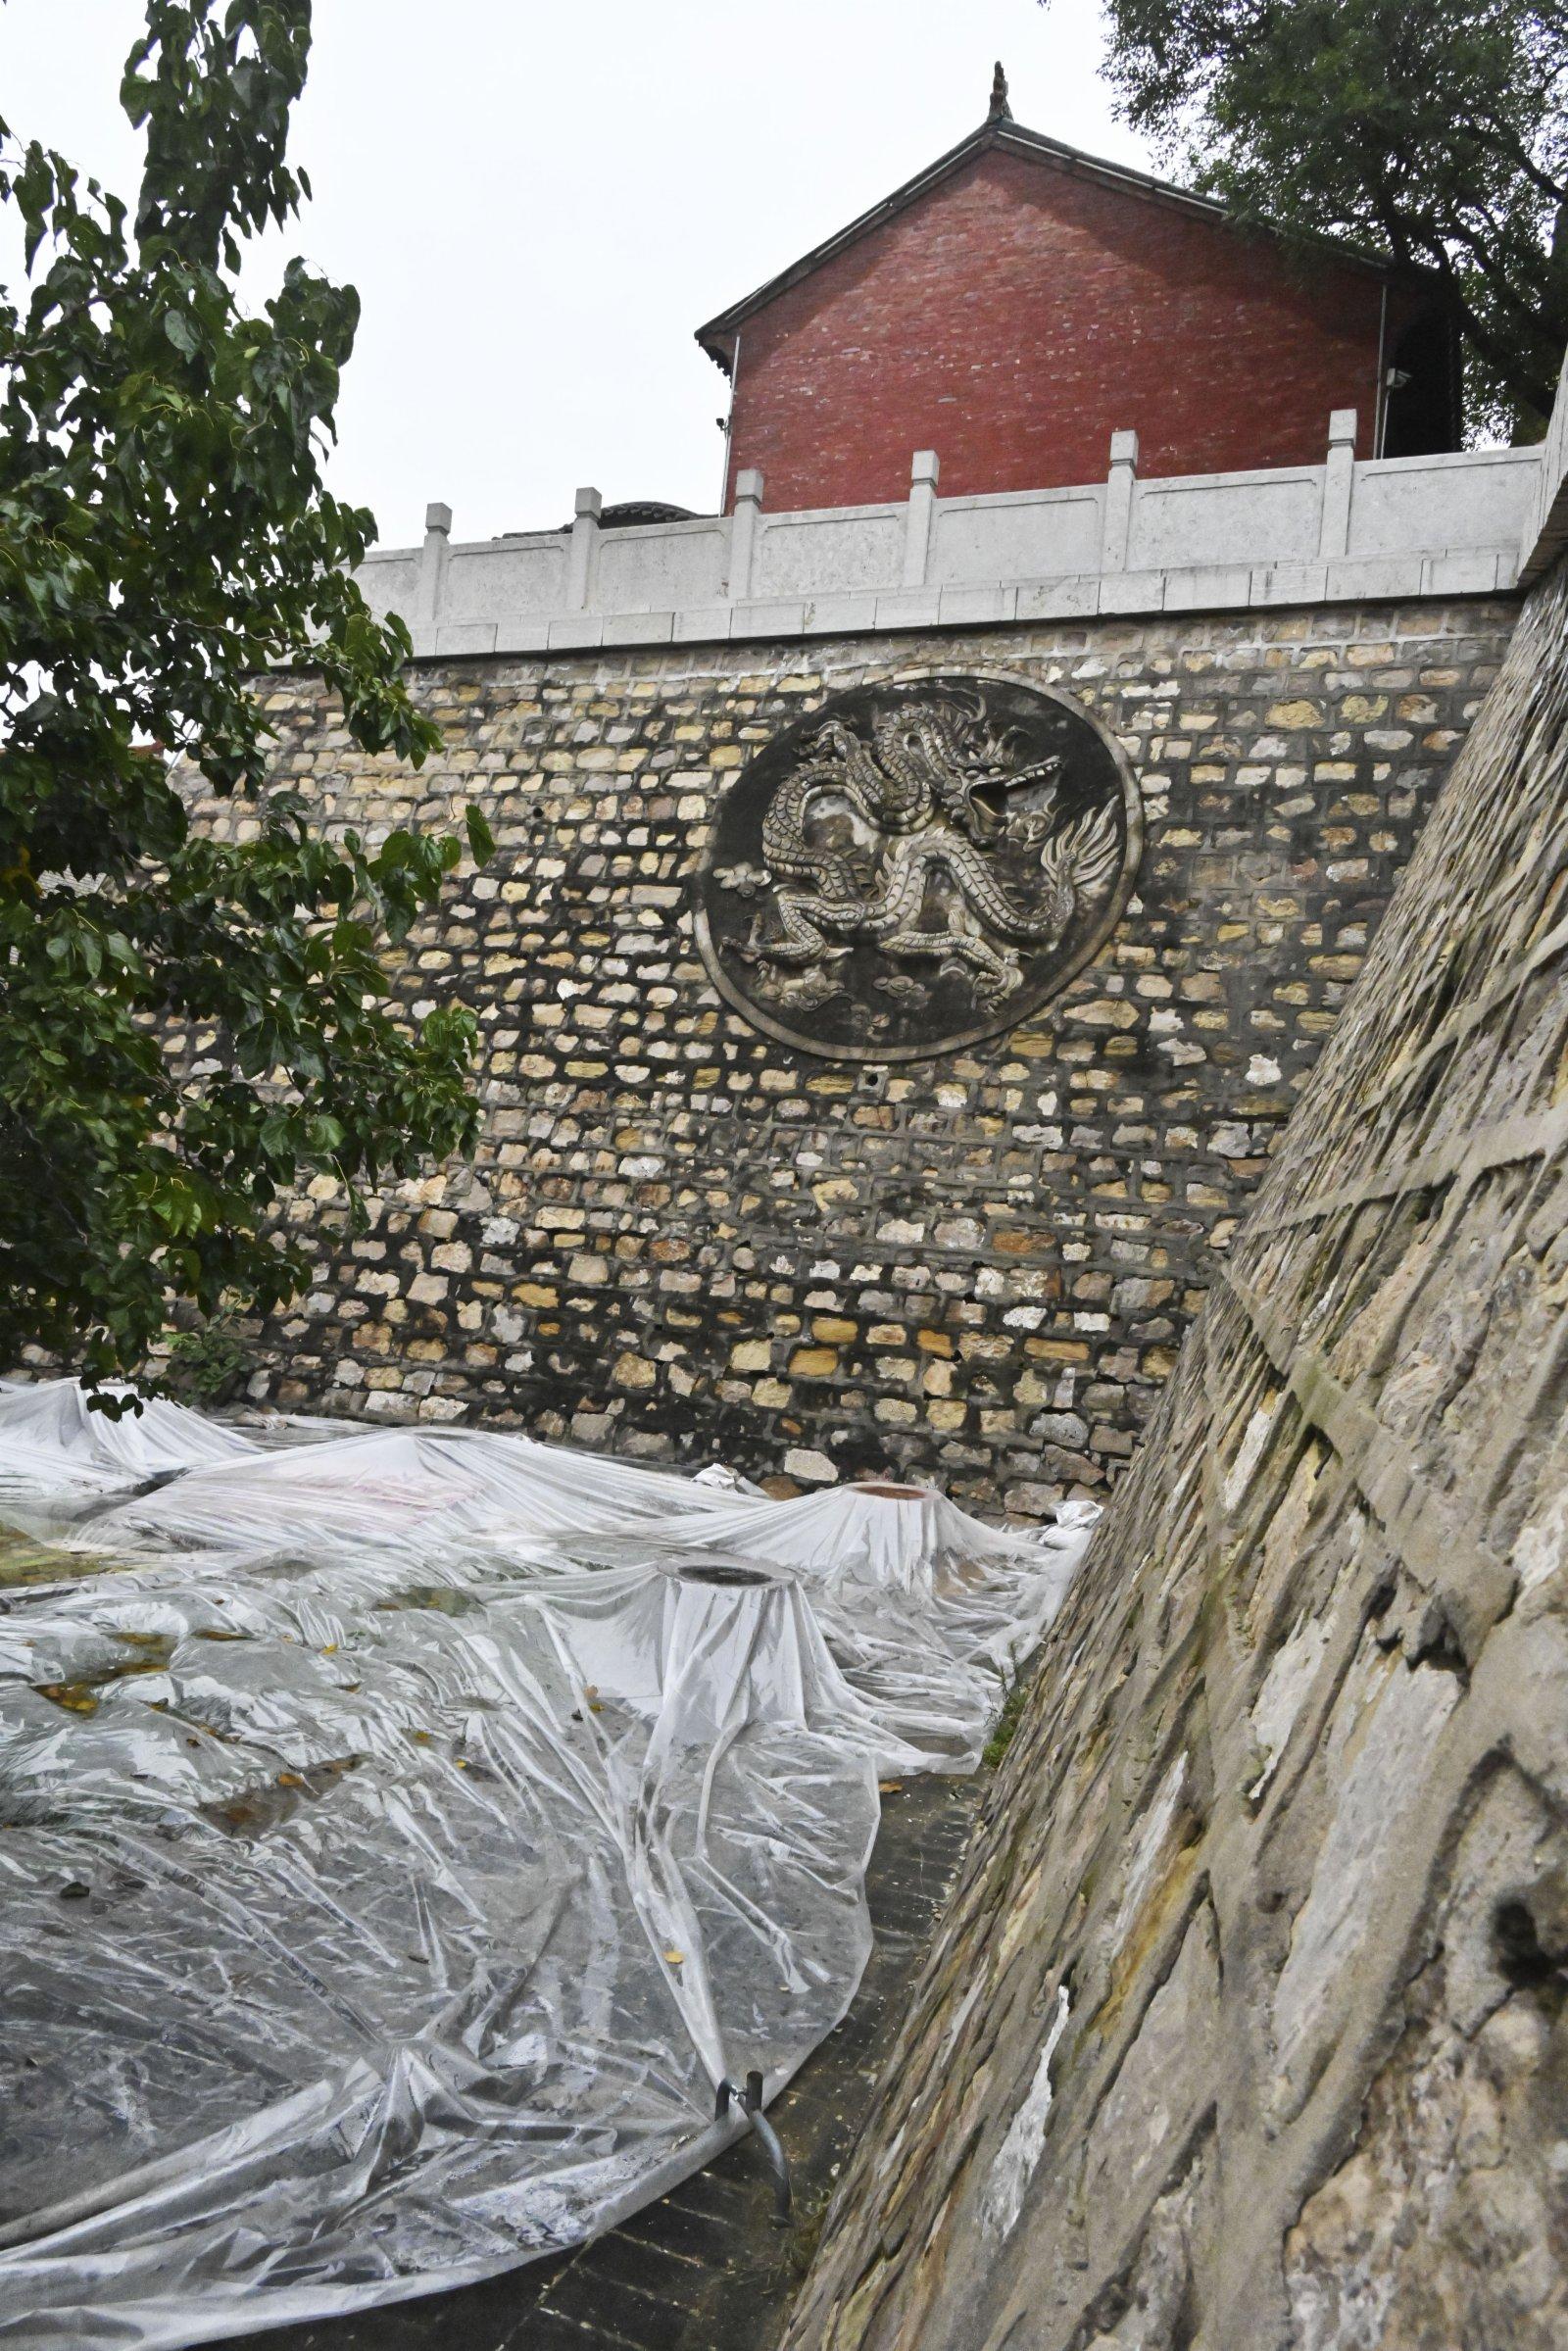 全國重點文物保護單位、位於山西省新絳縣的龍興寺護坡二平台塌陷(10月11日攝)。